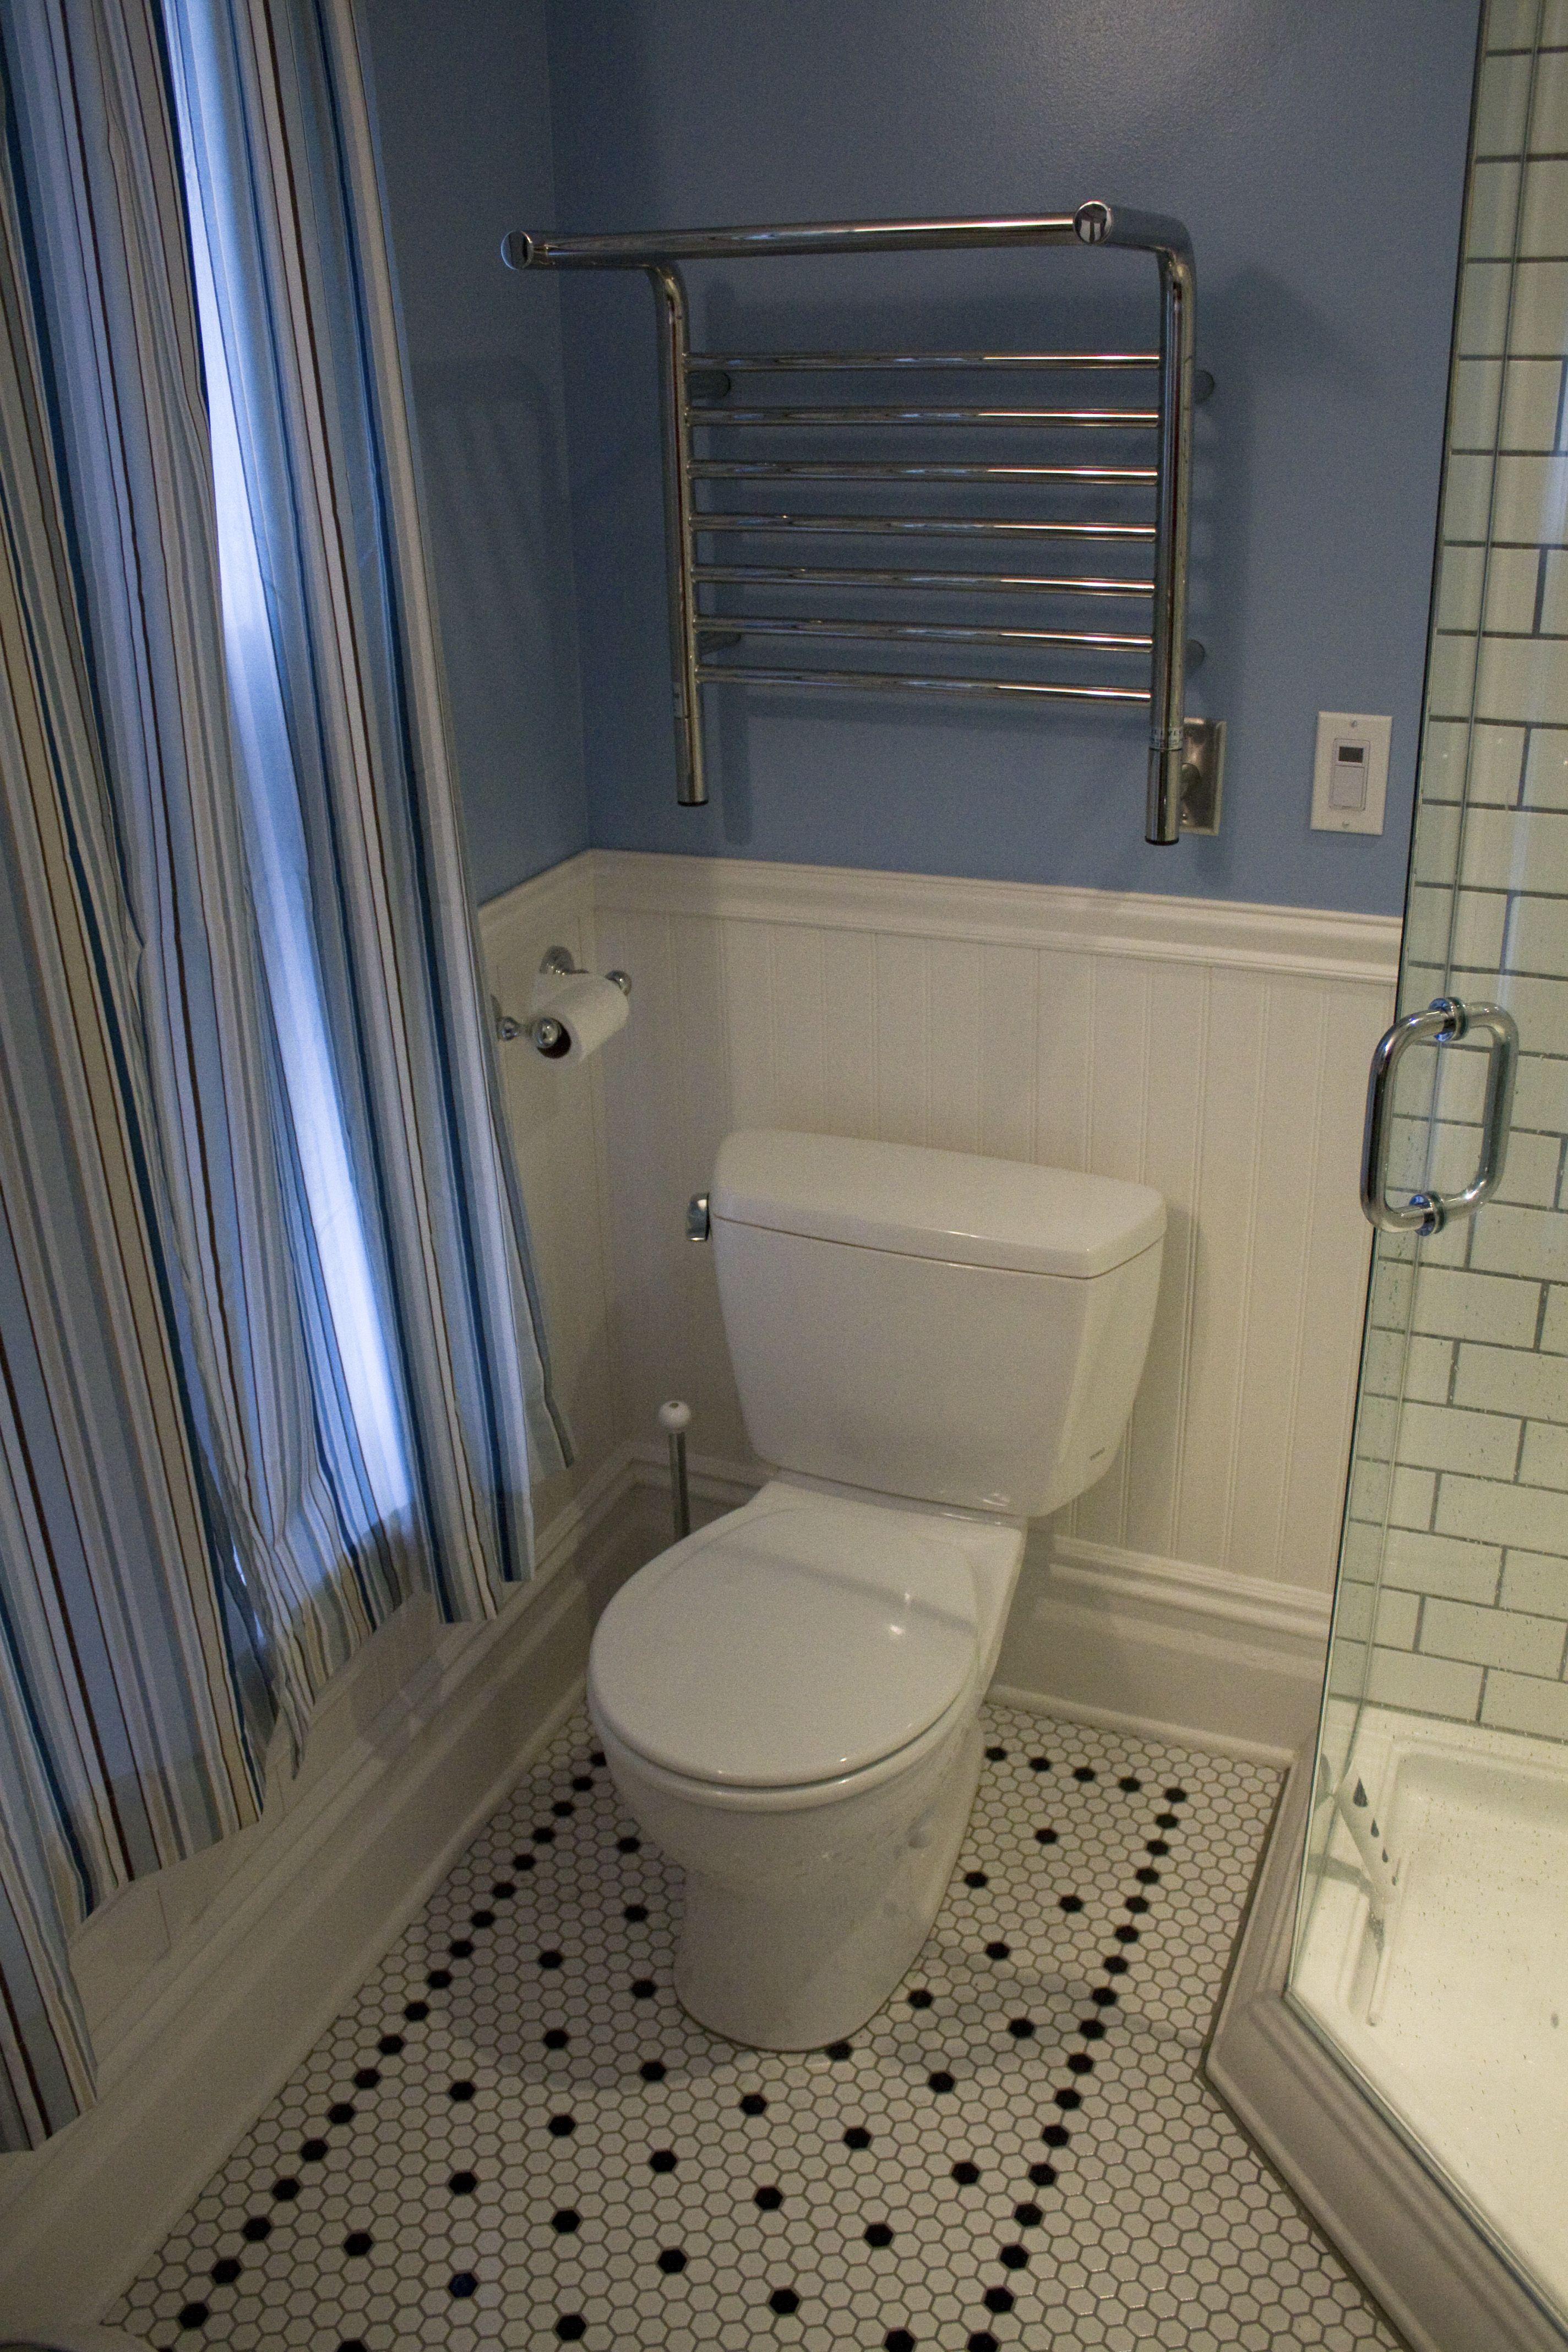 Wainscoting and hexagonal tile craftsman bath vintage bathroom